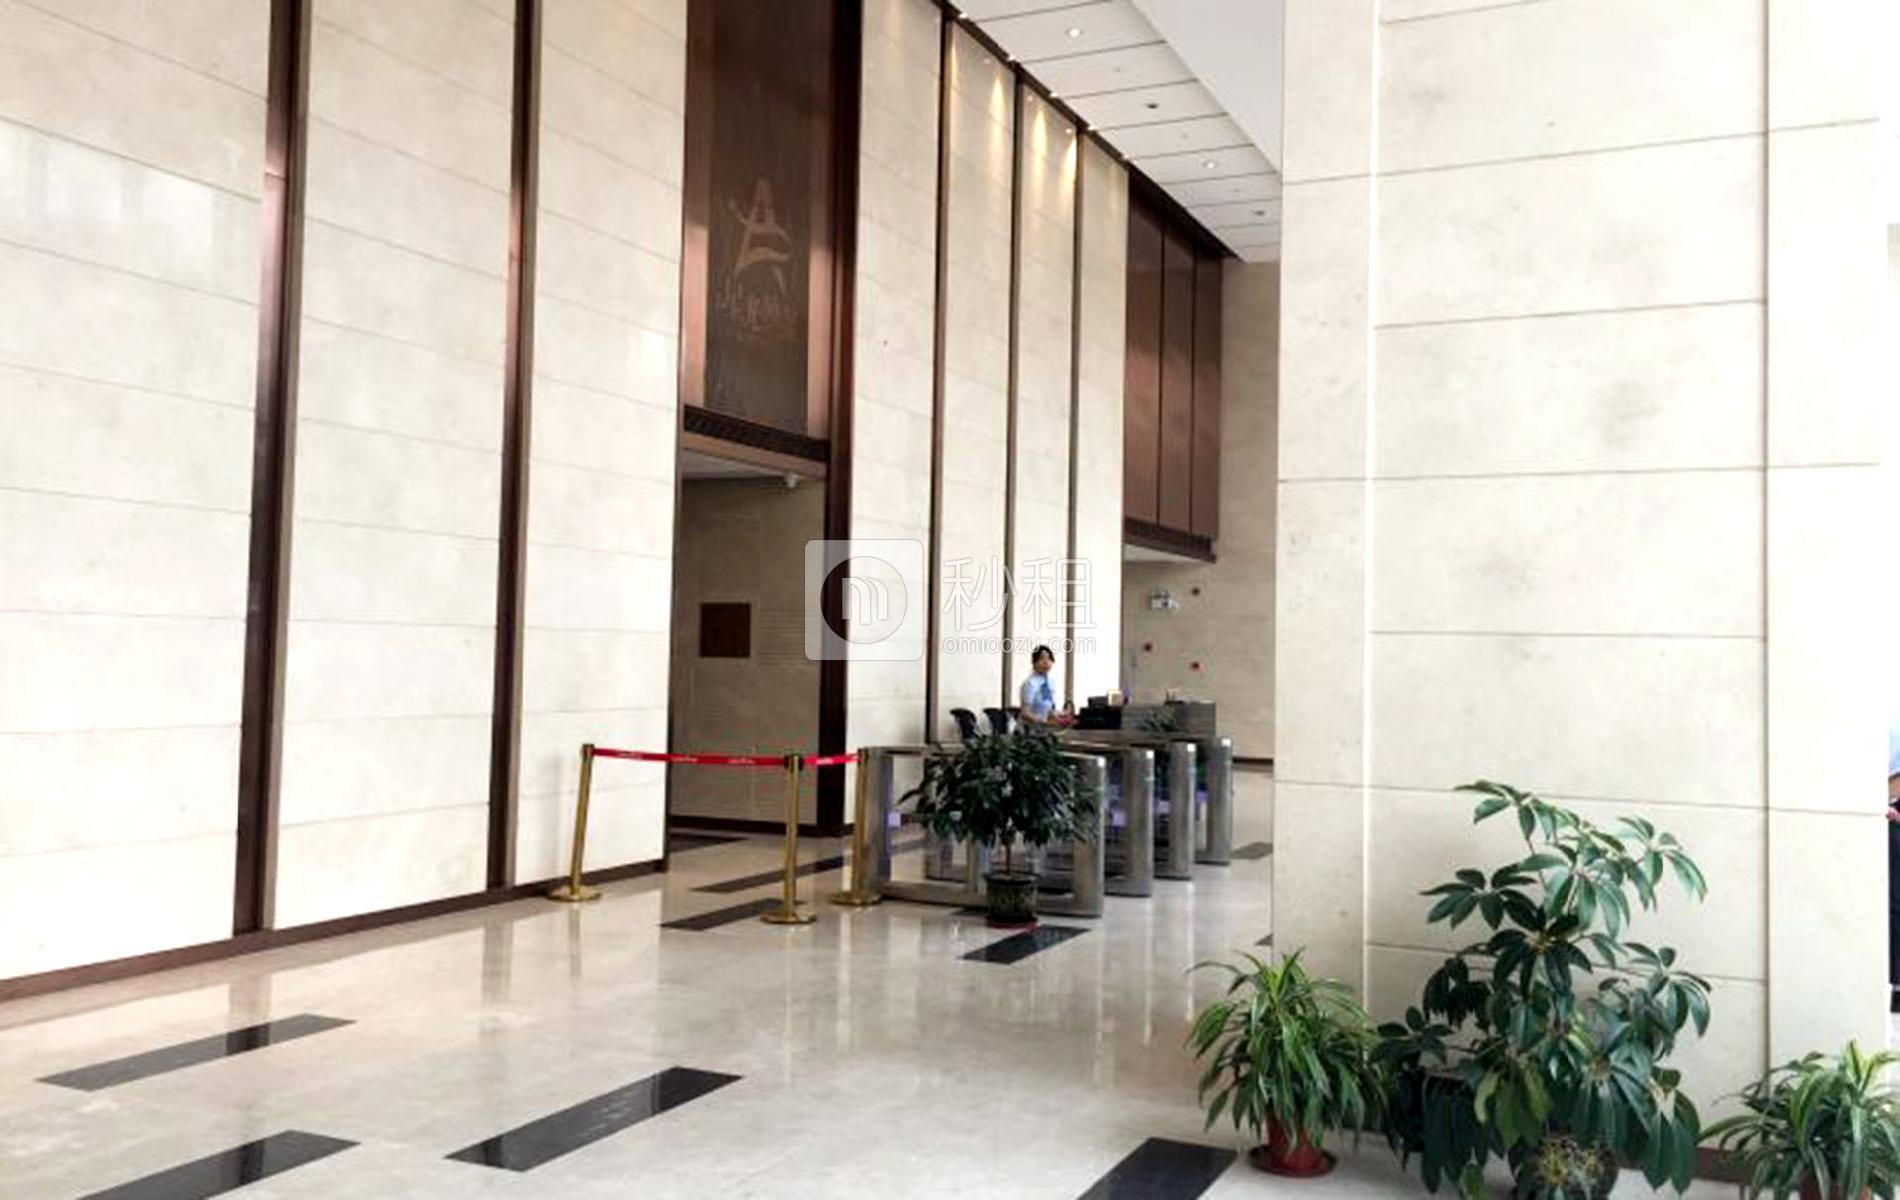 星光映景写字楼出租/招租/租赁,星光映景办公室出租/招租/租赁